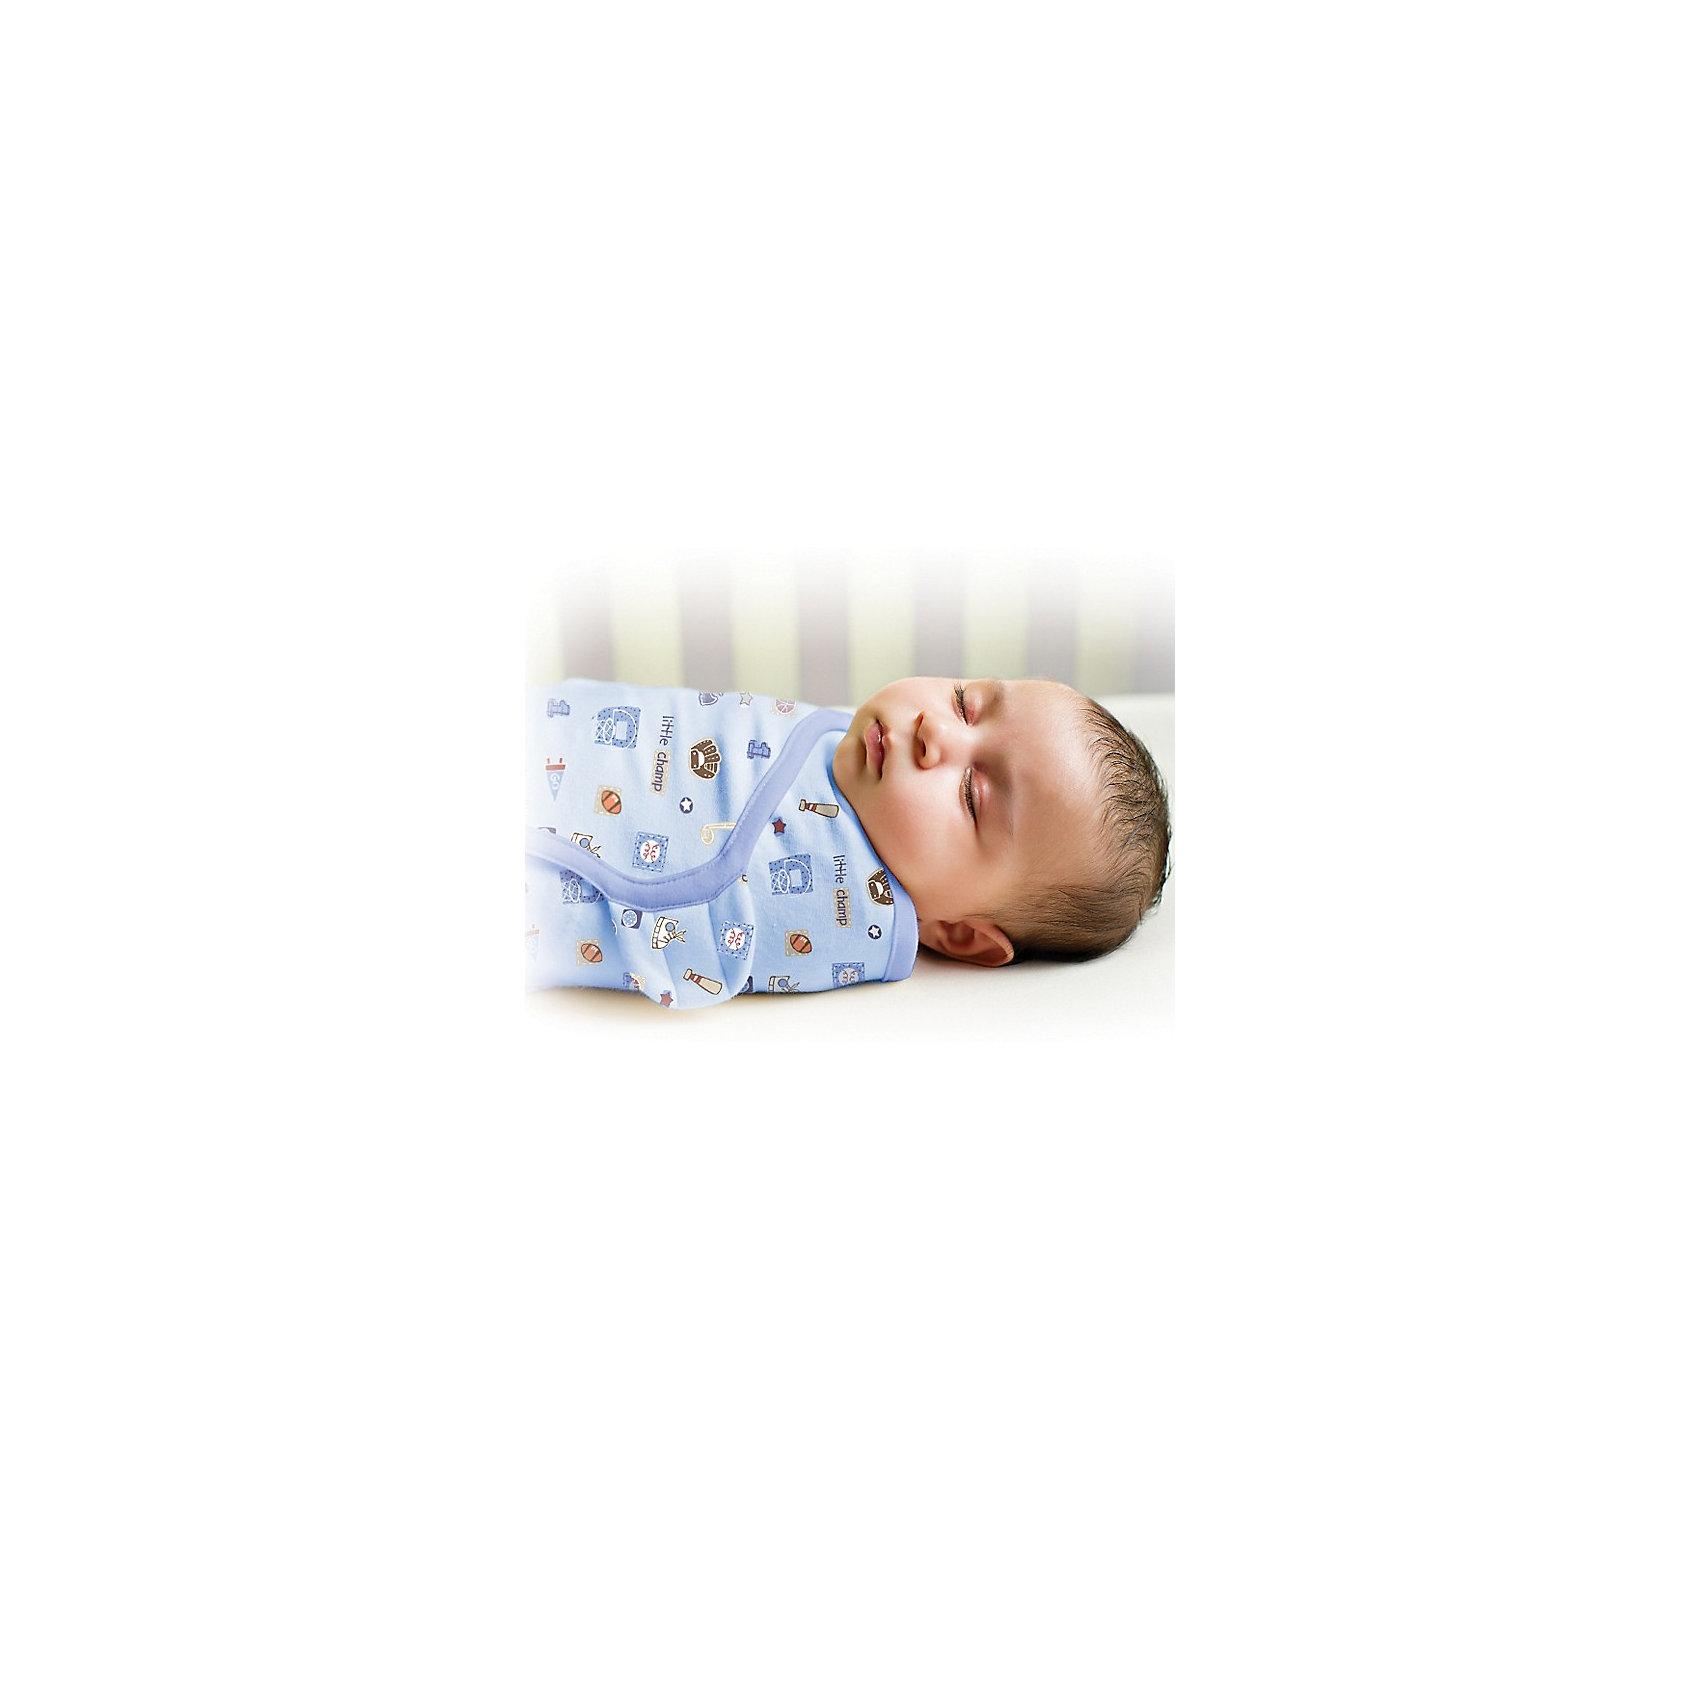 Конверт для пеленания на липучке SWADDLEME® S/M, Summer Infant, маленький чемпионПеленание<br>Окутайте малыша нежностью, которую дает конверт SwaddleMe. Он сделан из хлопка с оригинальной регулируемой системой крепления на липучке. Пеленание успокаивает новорожденных, путем воссоздания знакомых ему чувств, как в утробе мамы.<br>Мягко облегая, конверт не ограничивает движение ребенка, и в тоже время помогает снизить рефлекс внезапного вздрагивания, благодаря этому сон малыша и родителей будет более крепким.<br>Регулируемые крылья для закрытия конверта сделаны таким образом, что даже самый активный ребенок не сможет распеленаться во время сна. Конверт можно открыть в области ног малыша для легкой смены подгузников - нет необходимости разворачивать детские ручки.<br><br><br>Дополнительная информация:<br><br>- Размер: 50 см (размер S/M).<br>- Материал: хлопок и нити эластана.<br>- Подходит для малышей среднего размера от 3 до 6 кг.<br>- Цвет: голубой.<br><br>Конверт для пеленания на липучке SWADDLEME, Little Champs, размер S/M, 3-6 кг. можно купить в нашем магазине.<br><br>Ширина мм: 30<br>Глубина мм: 150<br>Высота мм: 235<br>Вес г: 160<br>Возраст от месяцев: 0<br>Возраст до месяцев: 3<br>Пол: Мужской<br>Возраст: Детский<br>SKU: 3950364